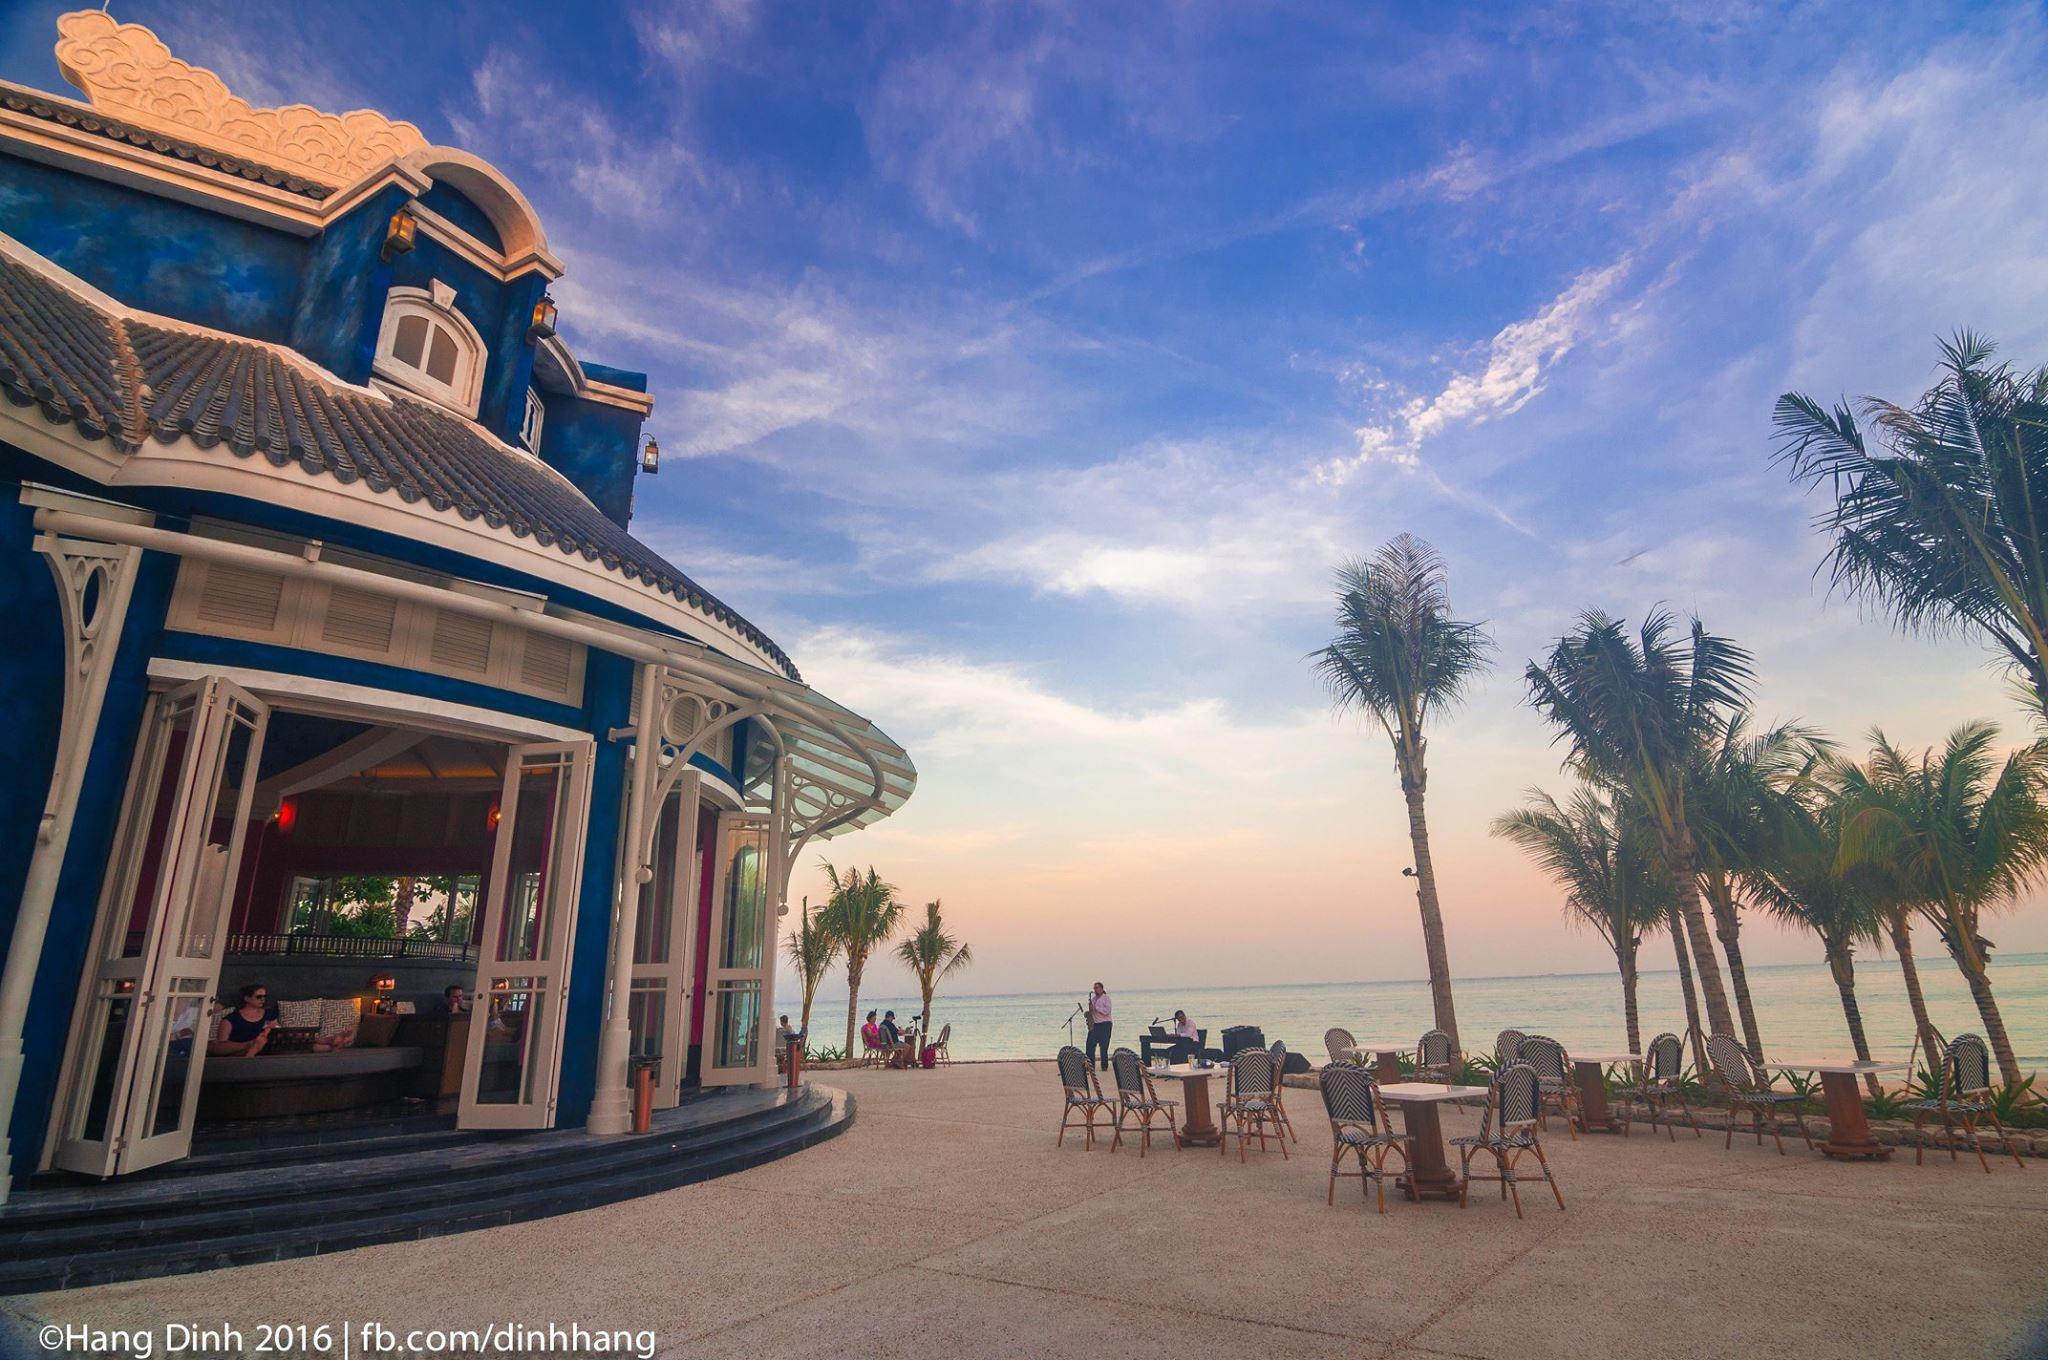 Trải nghiệm resort xa hoa như thiên đường ở Phú Quốc: Đẹp choáng ngợp, ăn ngon không thốt nên lời! - Ảnh 18.